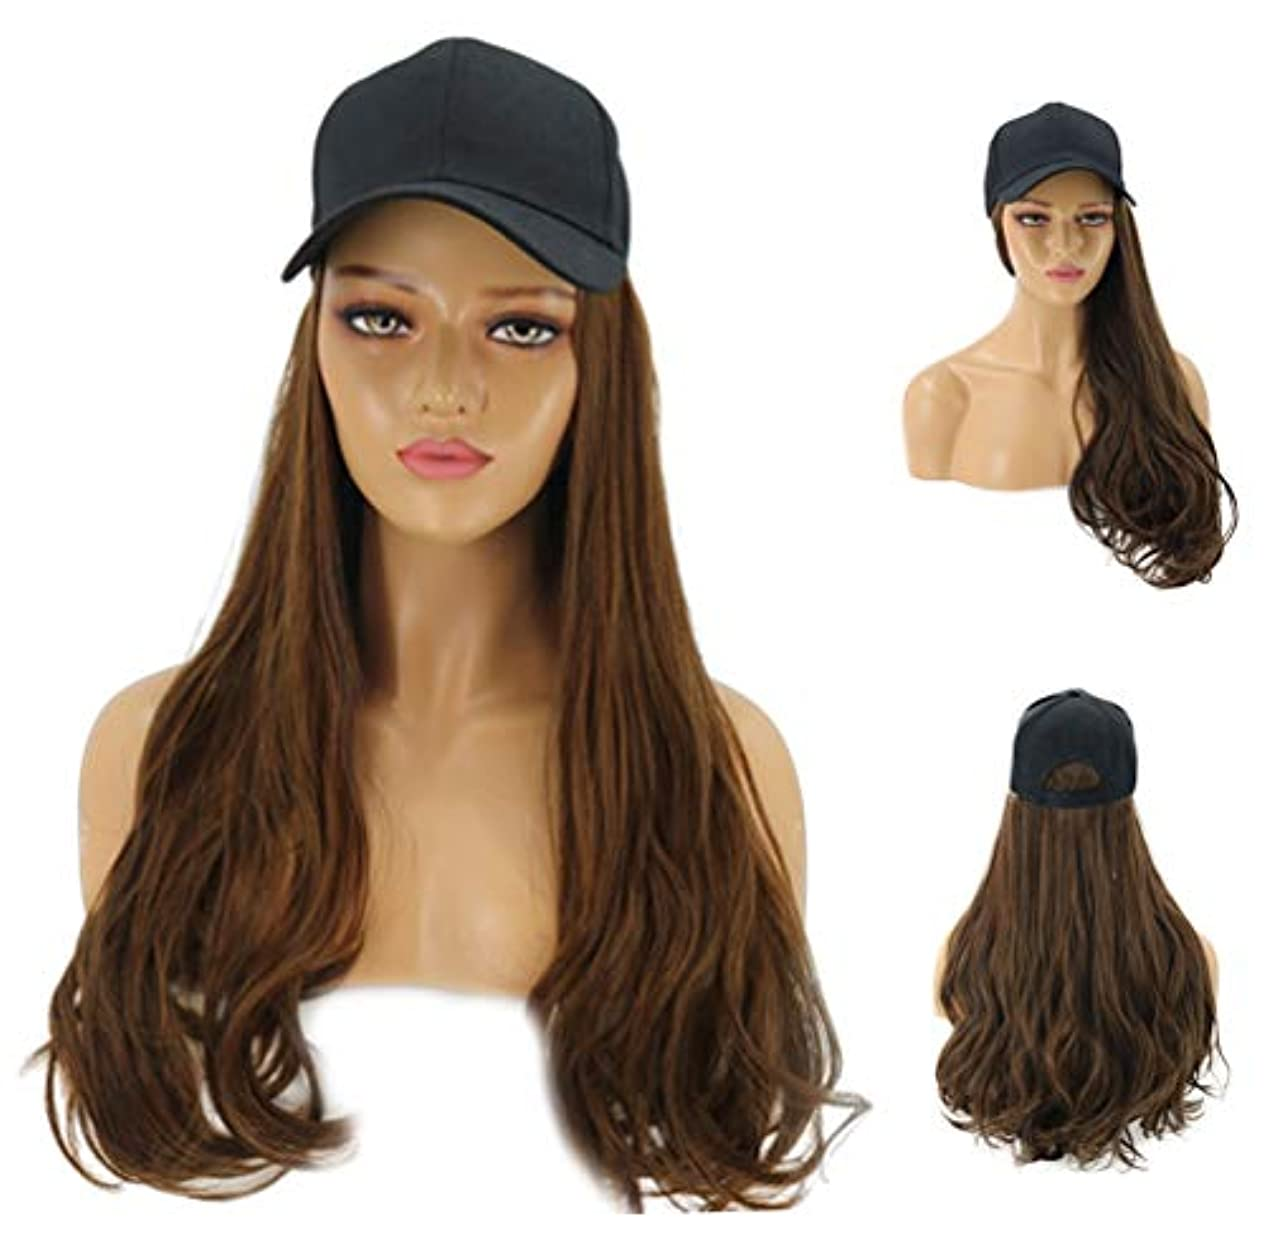 ちょうつがい注入するアーカイブ女性のファッショナブルな野球帽、長いウェーブのかかった髪の拡張機能、毎日のパーティー用の黒い帽子が付いた自然な人工毛